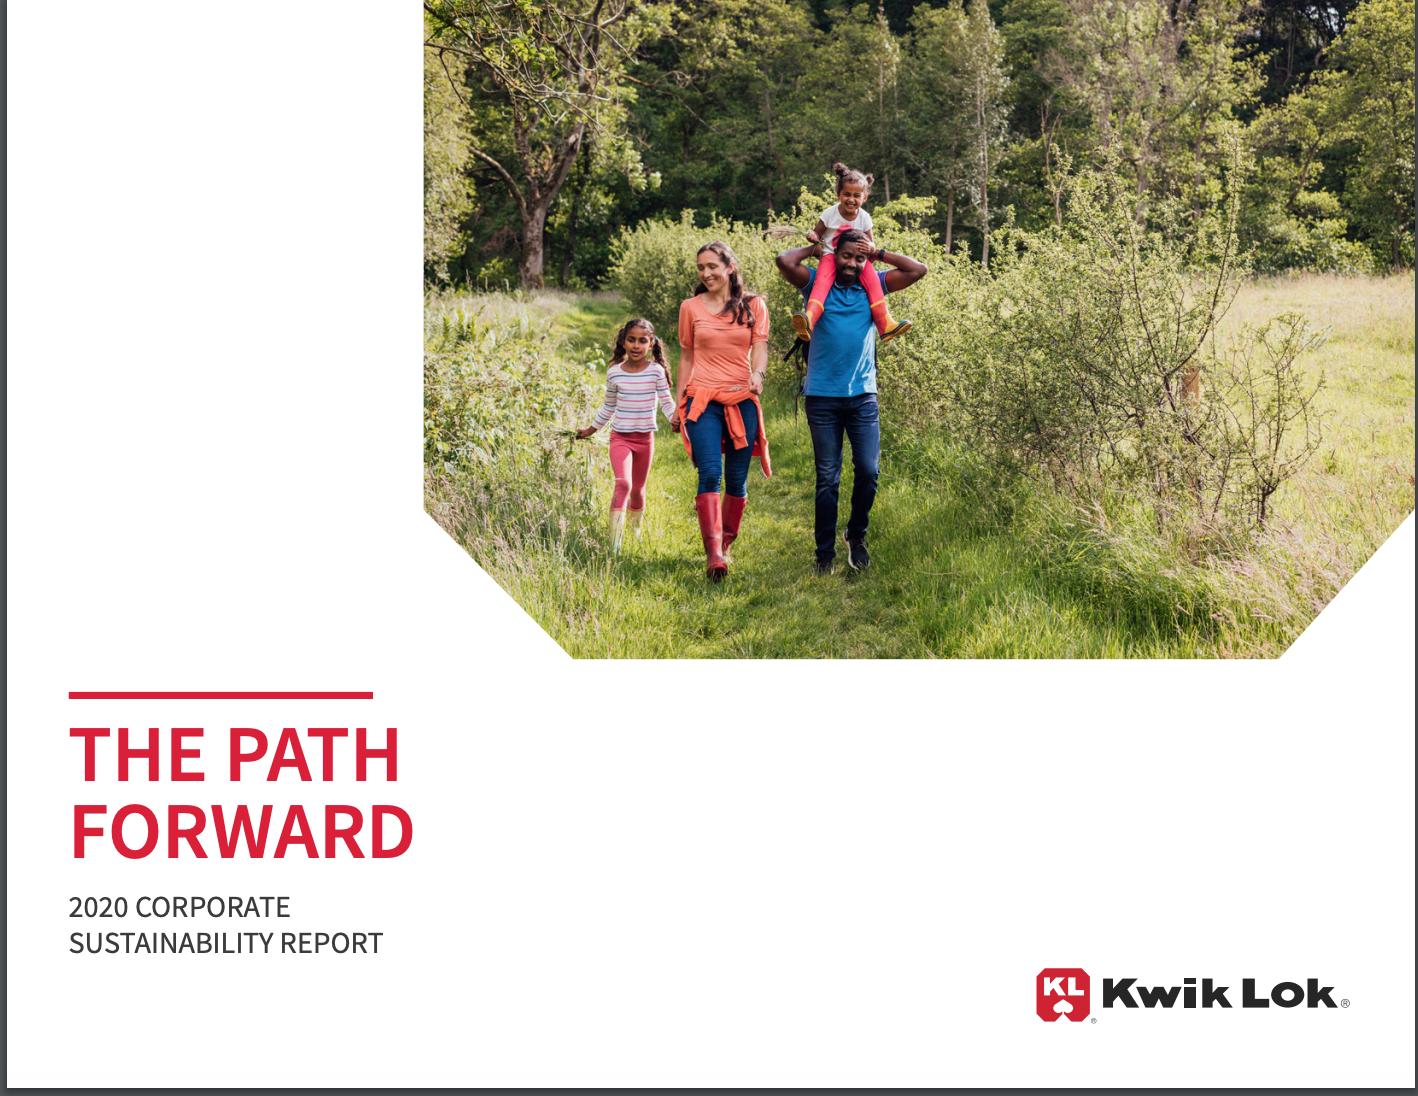 Kwik Lok outlines CSR goals in new report